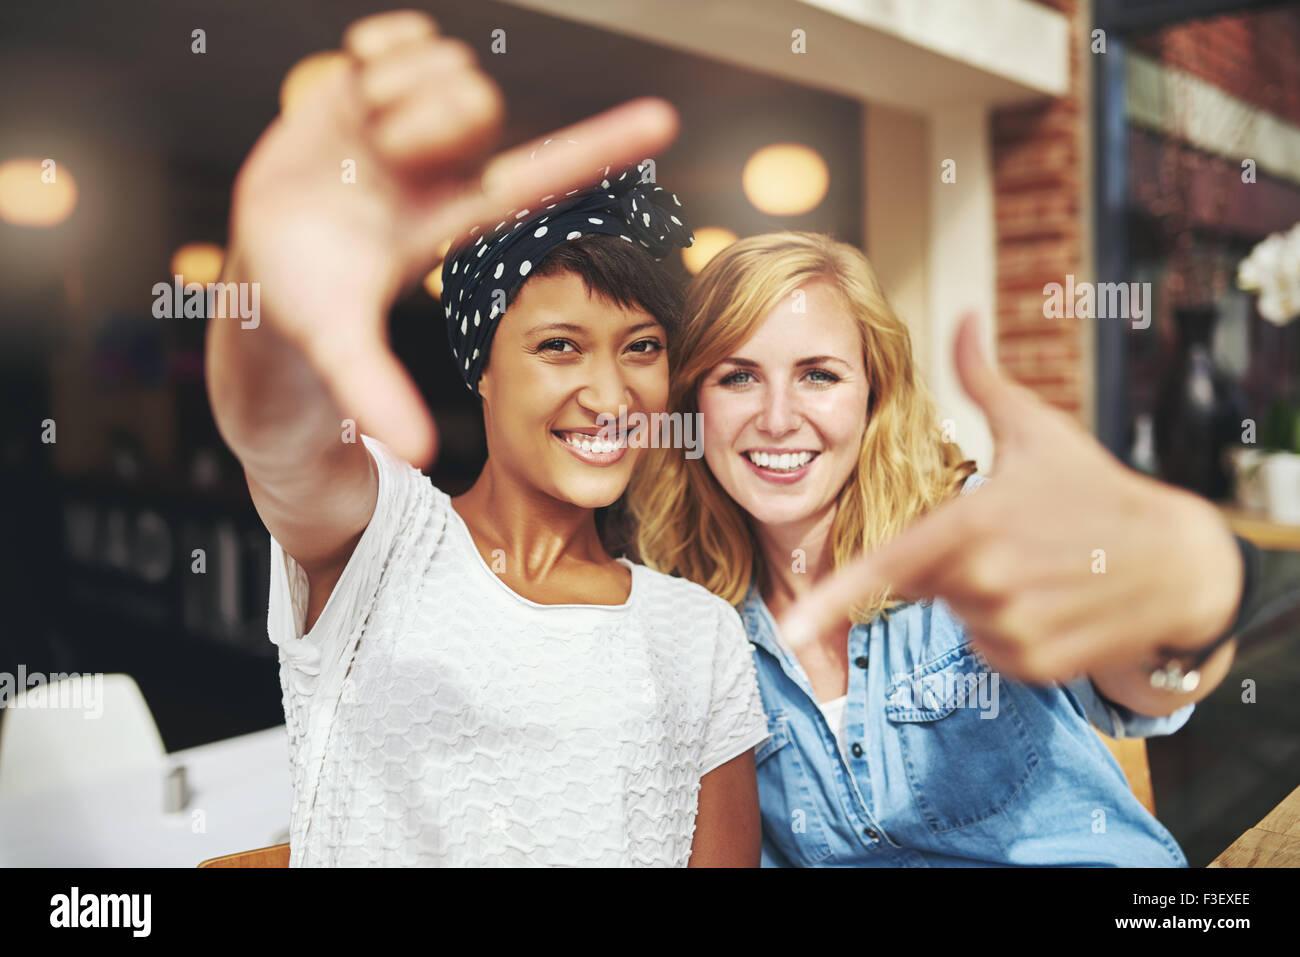 Divertimento giovani donne incorniciare le loro facce con le dita in un creative autoritratto come essi siedono Immagini Stock